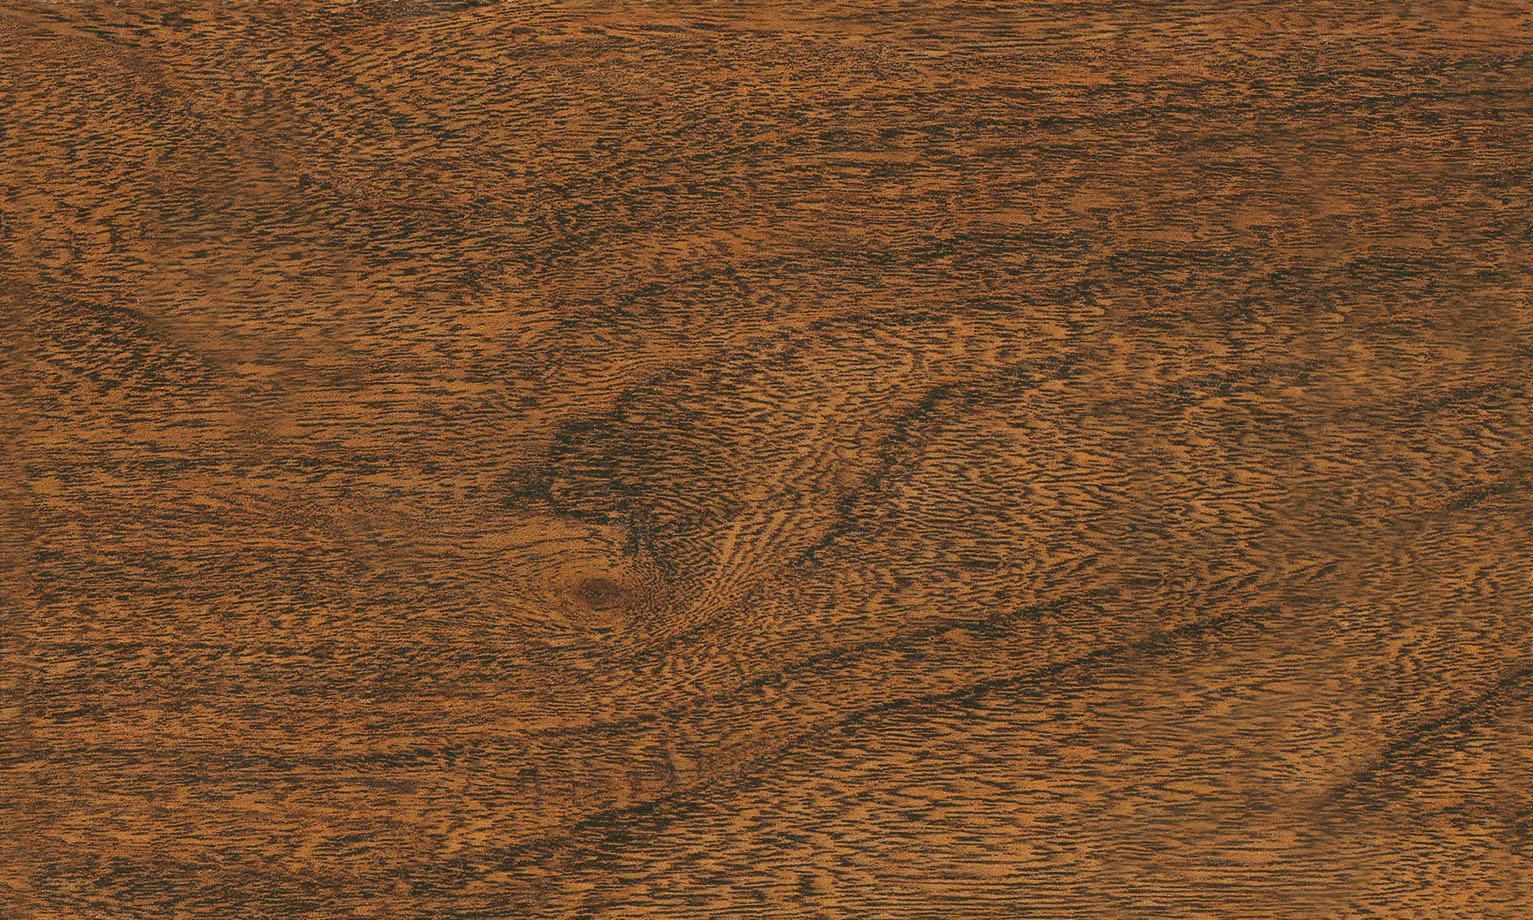 德尔强化复合地板欧式风格OC系列OC01OC01